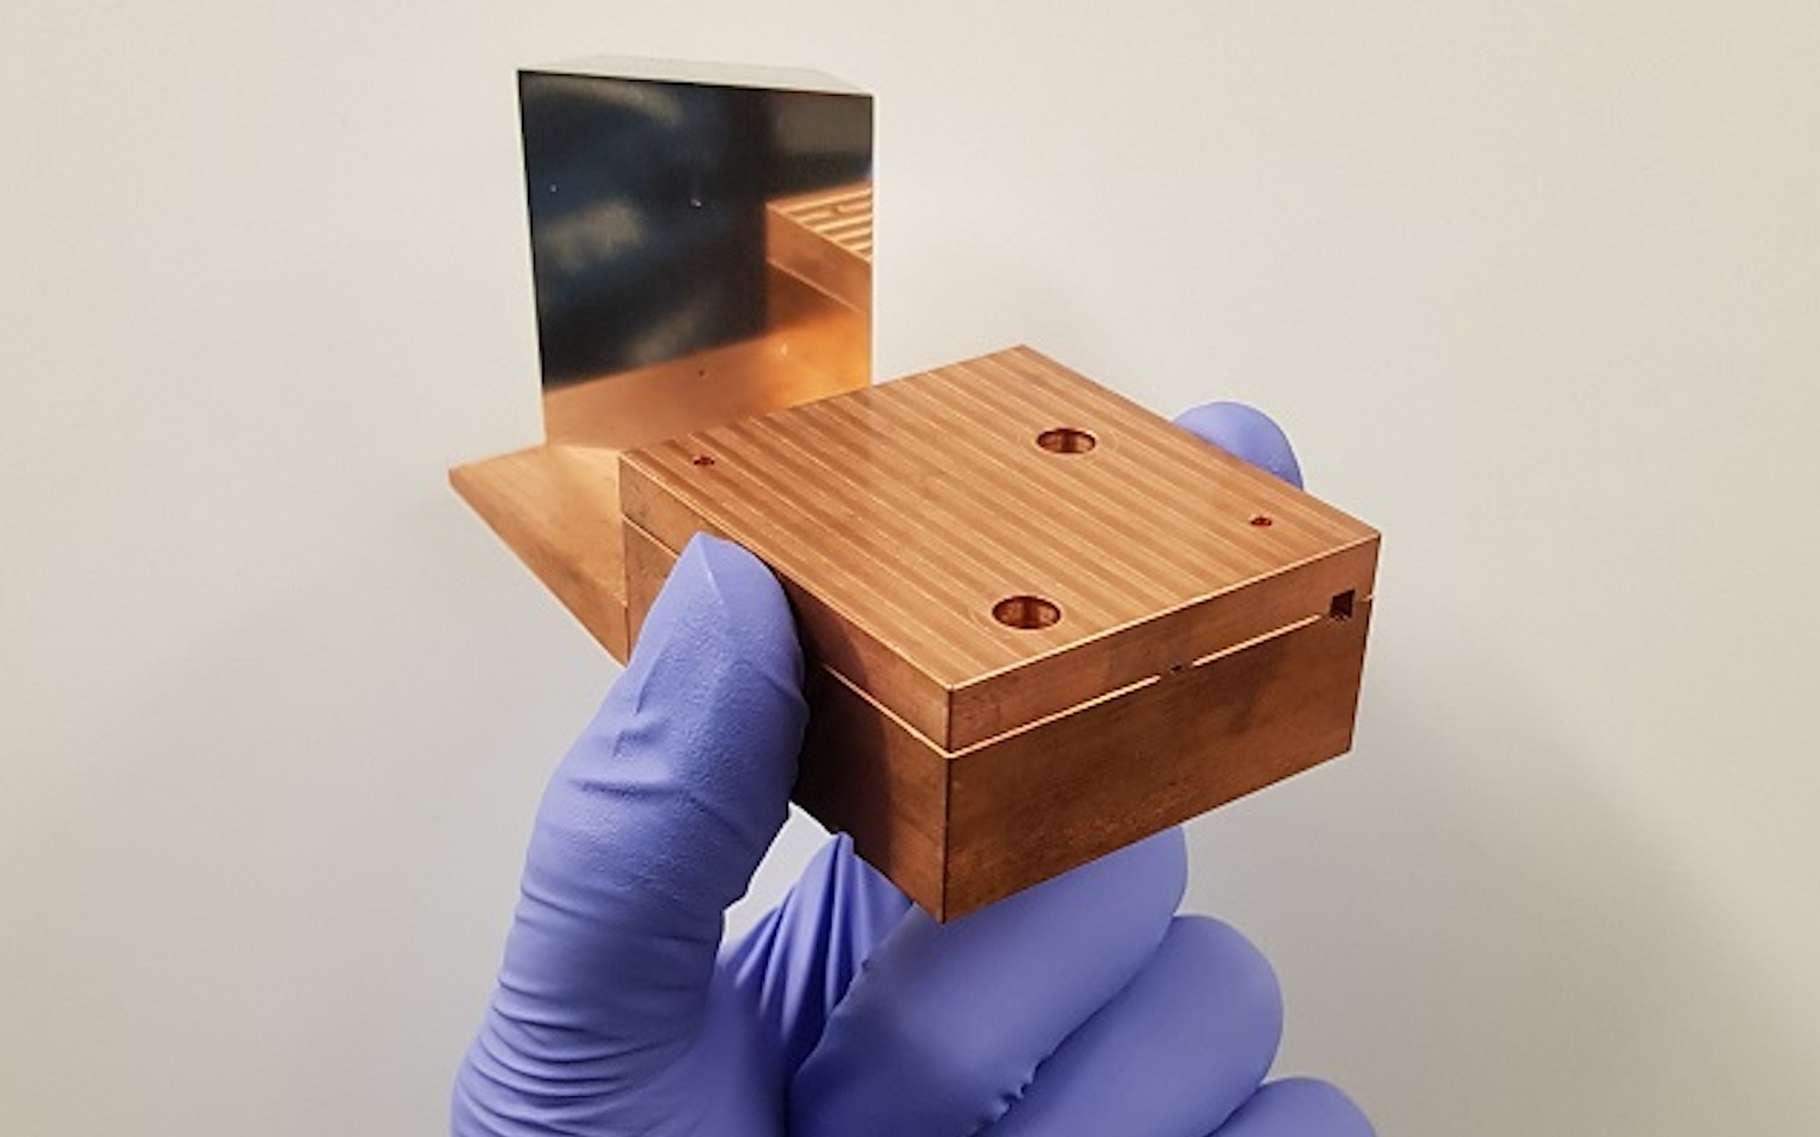 L'accélérateur de particules développé par des chercheurs de l'université de Manchester (Royaume-Uni) peut projeter des faisceaux d'électrons ultrabrefs à plus de 99,99 % de la vitesse de la lumière. © Vasileios Georgiadis, Université de Manchester